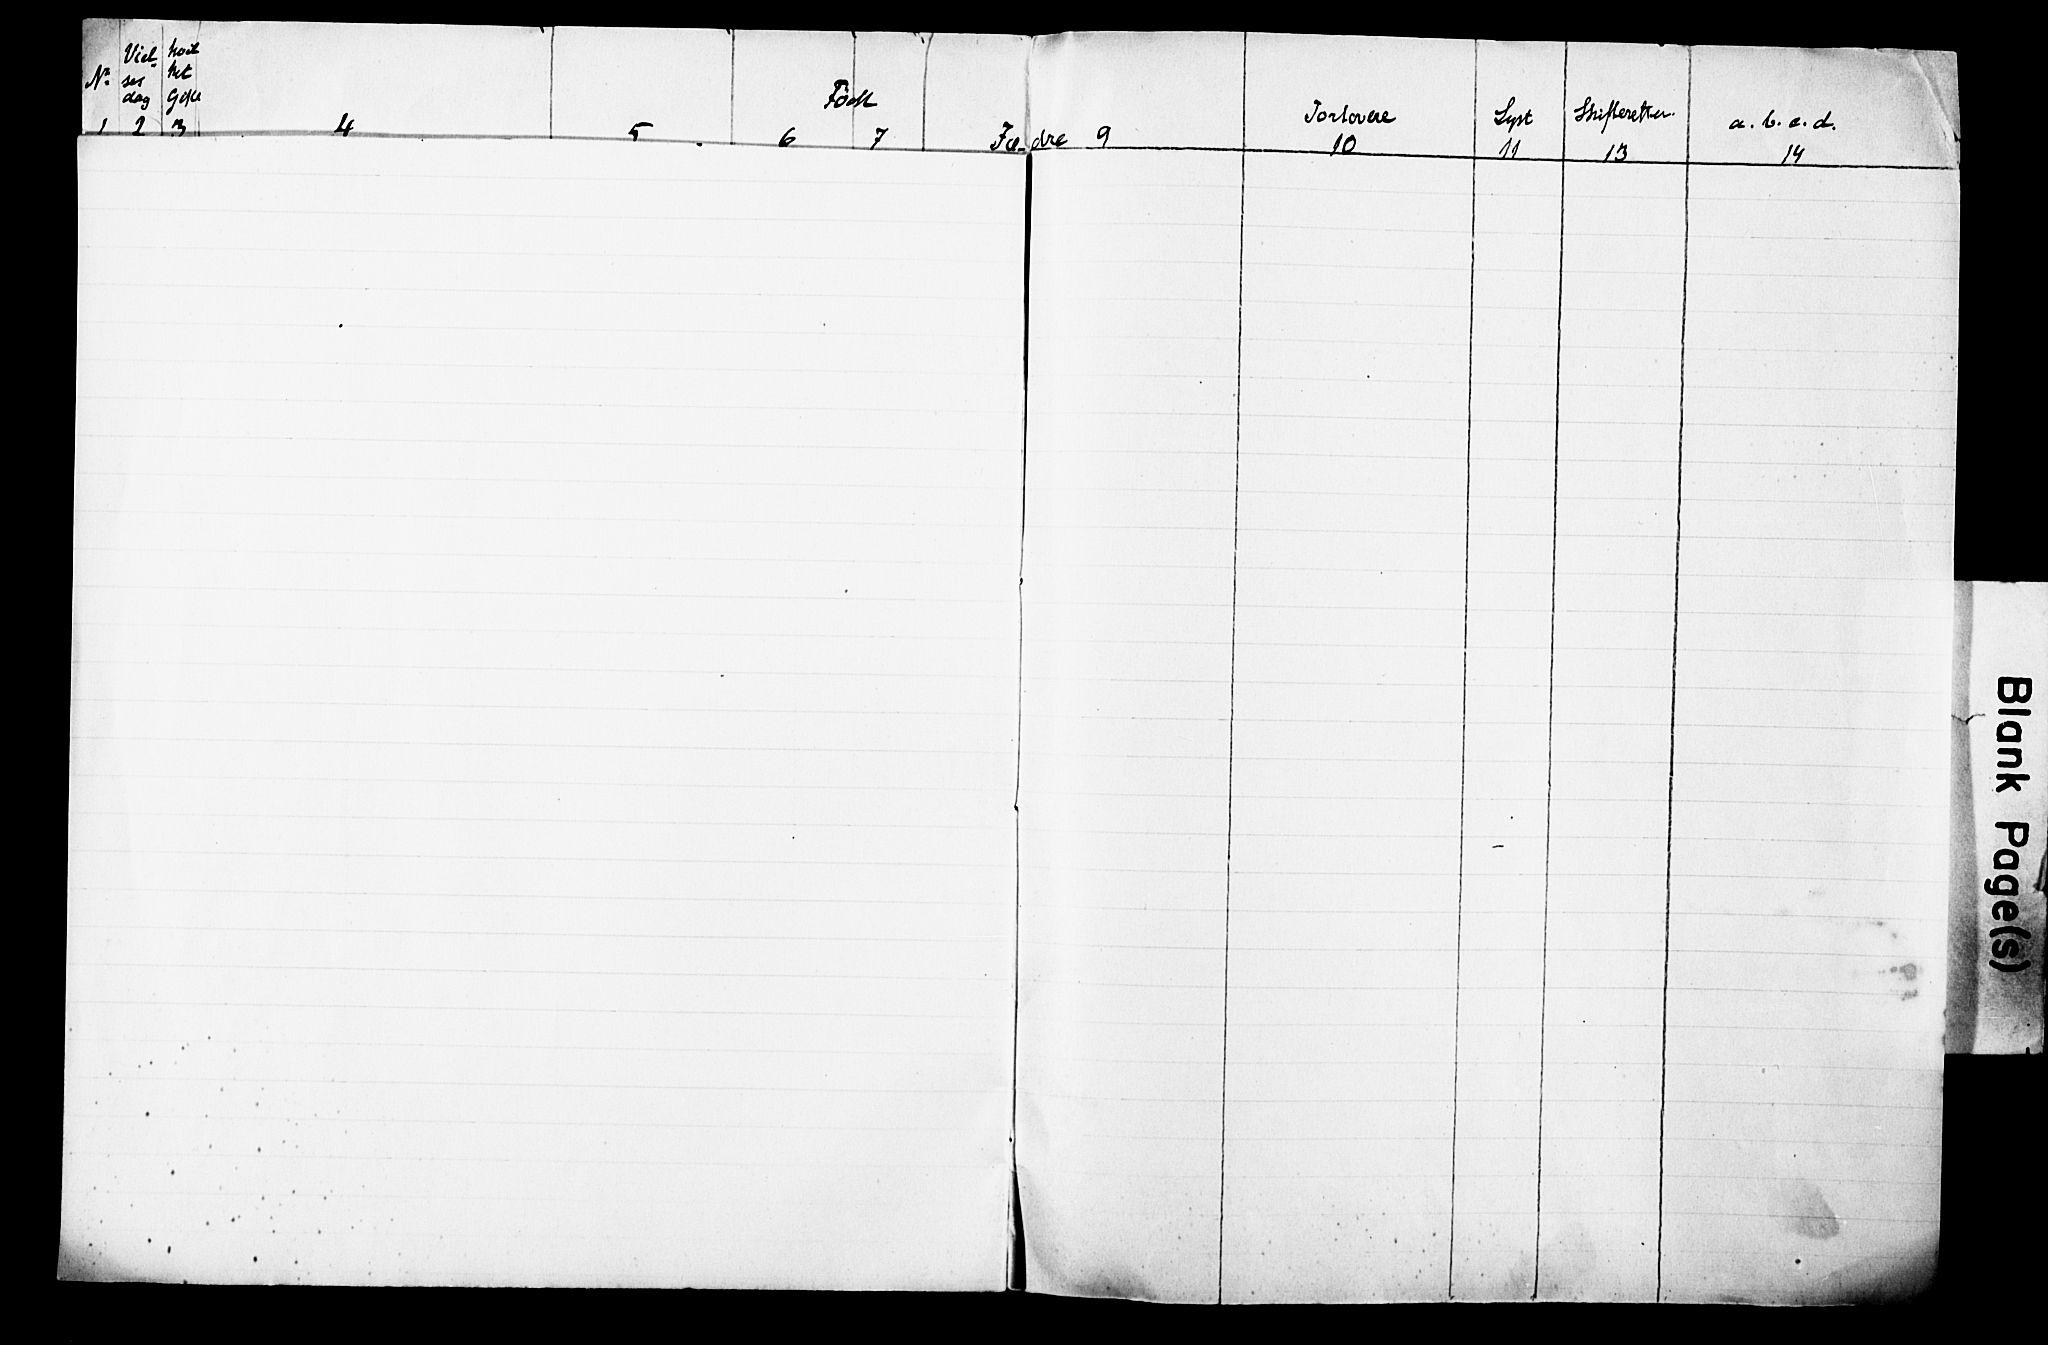 SAH, Nordre Land prestekontor, Lysningsprotokoll nr. -, 1916-1916